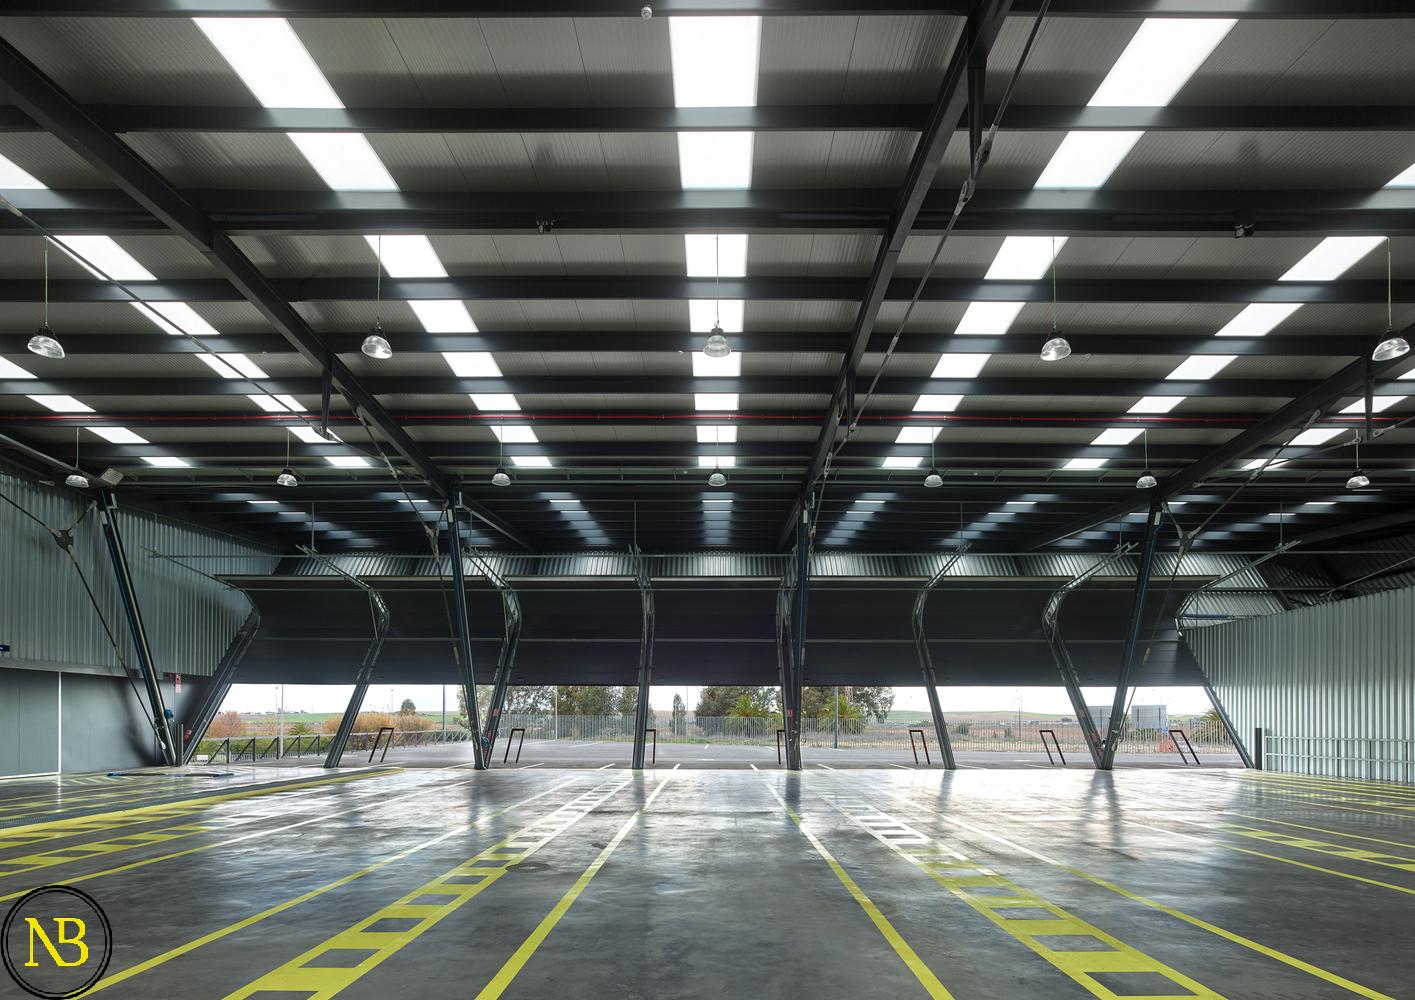 خبر معماری، مجتمع صنعتی SCANIA در اسپانیا